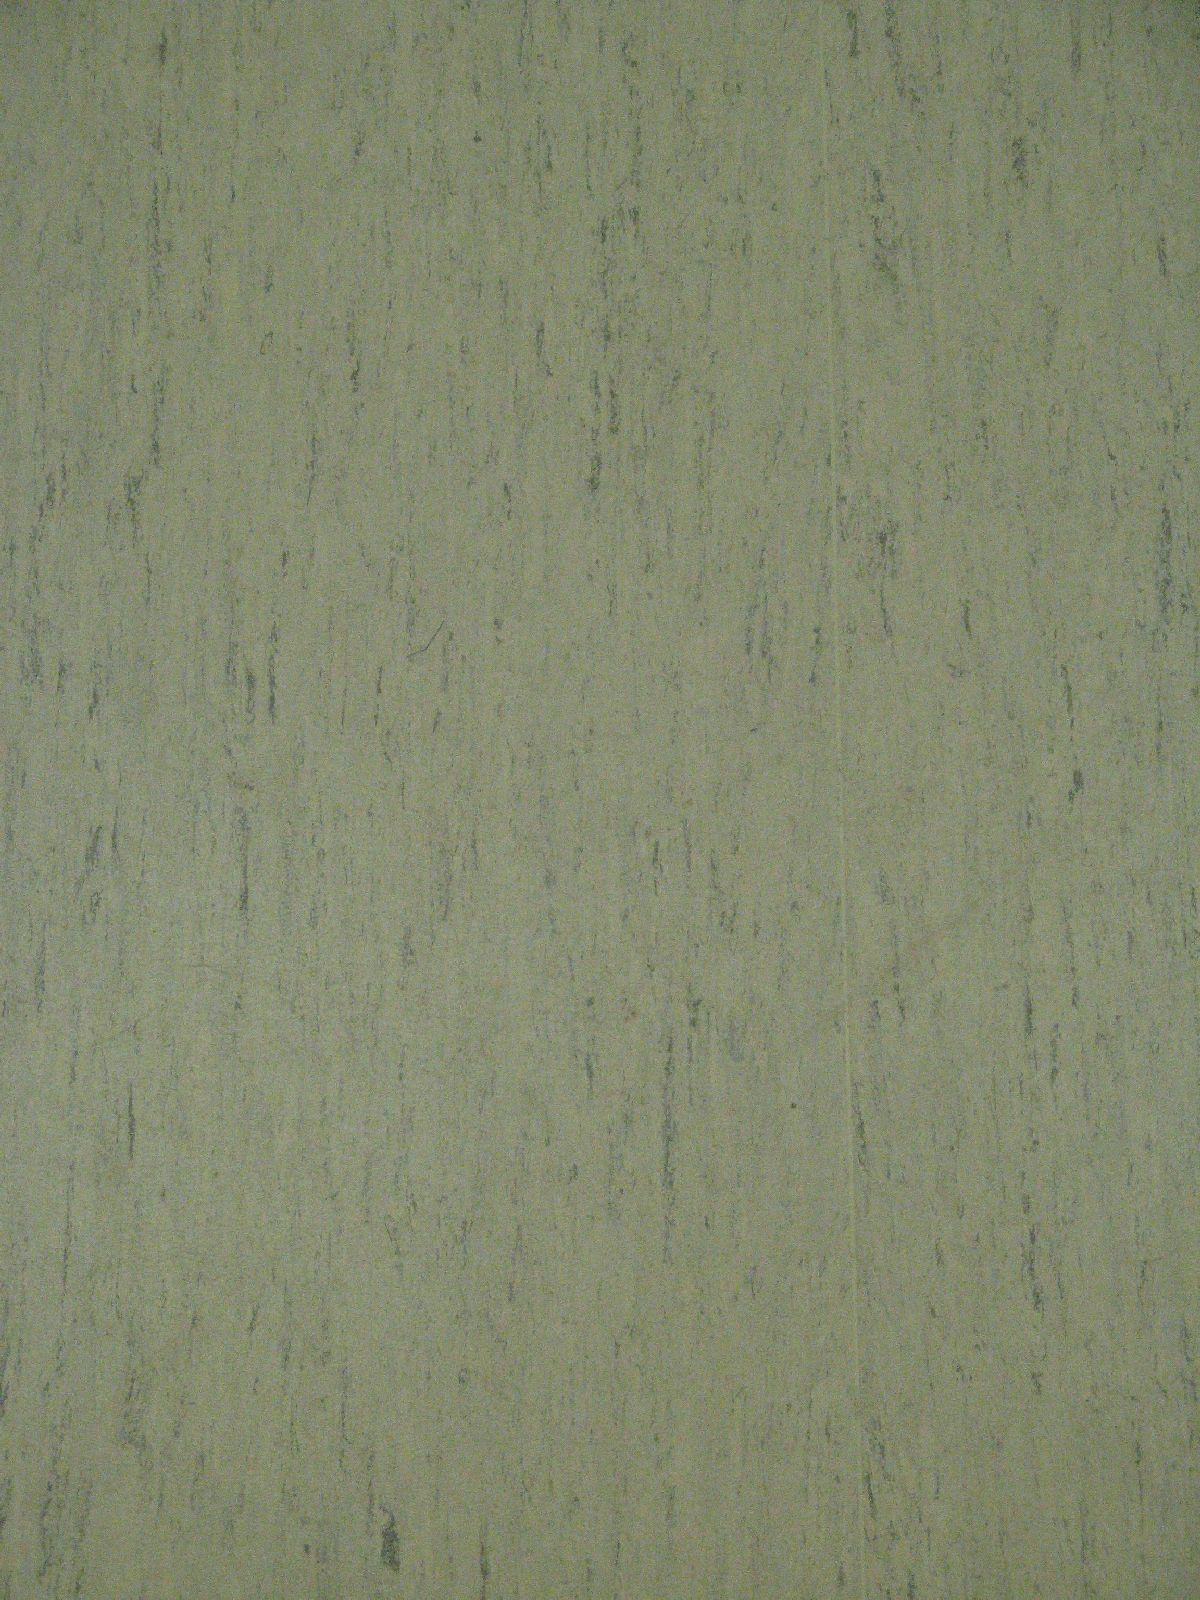 Ground-Urban_Texture_B_2863